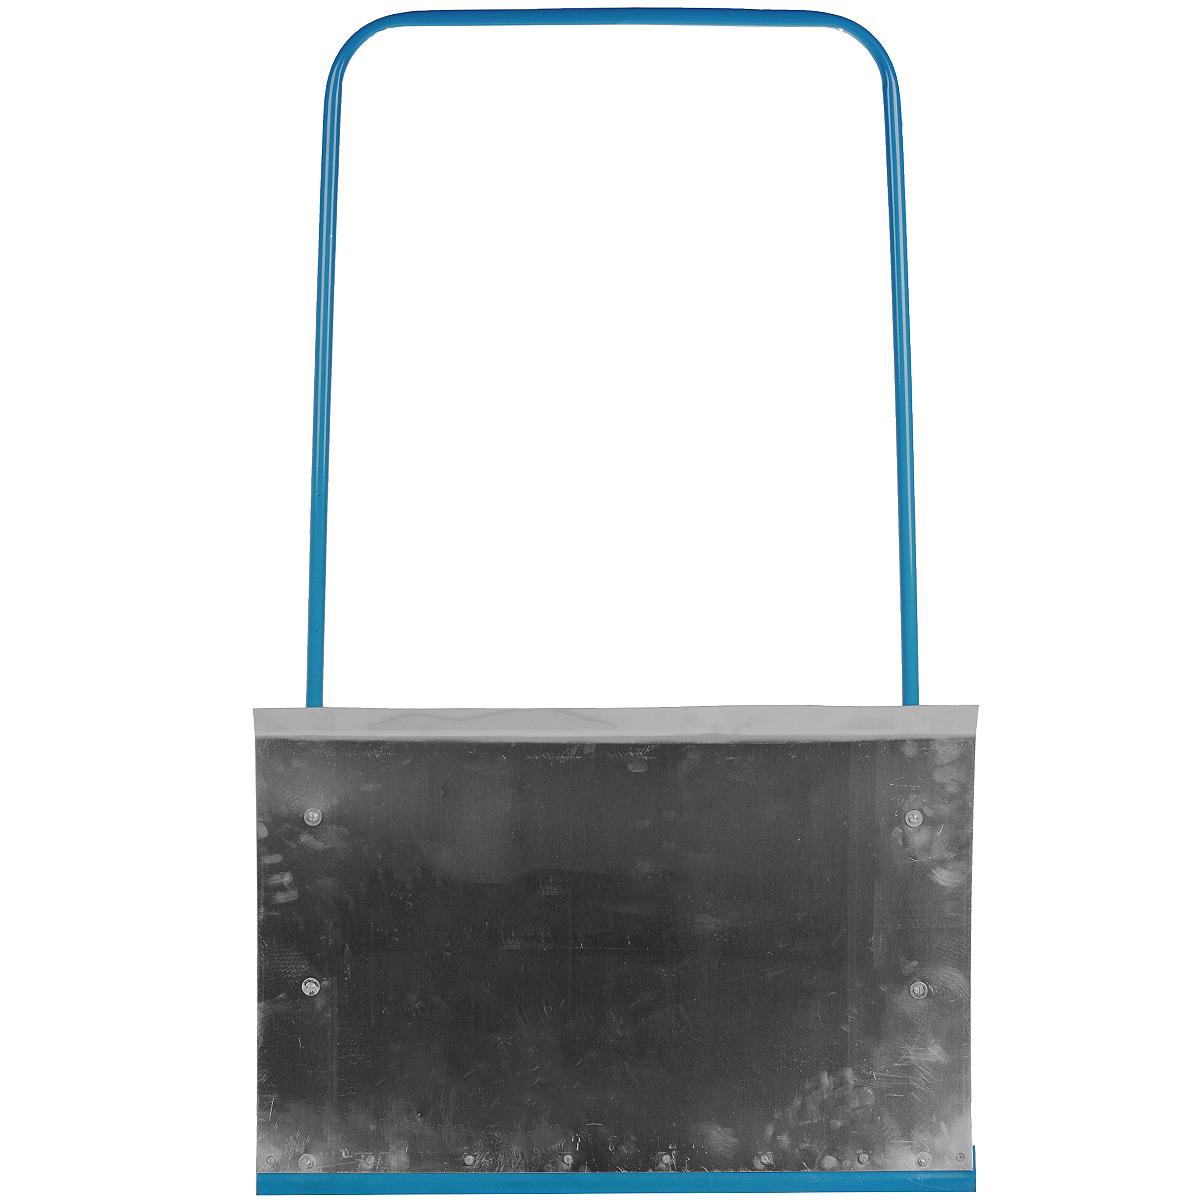 Движок для снега Сибртех, 75 х 46 см790009Движок СИБРТЕХ предназначен для уборки рыхлого свежего снега на больших территориях, для расчистки тротуаров, площадок, катков, парковок и т.п. Ковш движка изготовлен из алюминия.